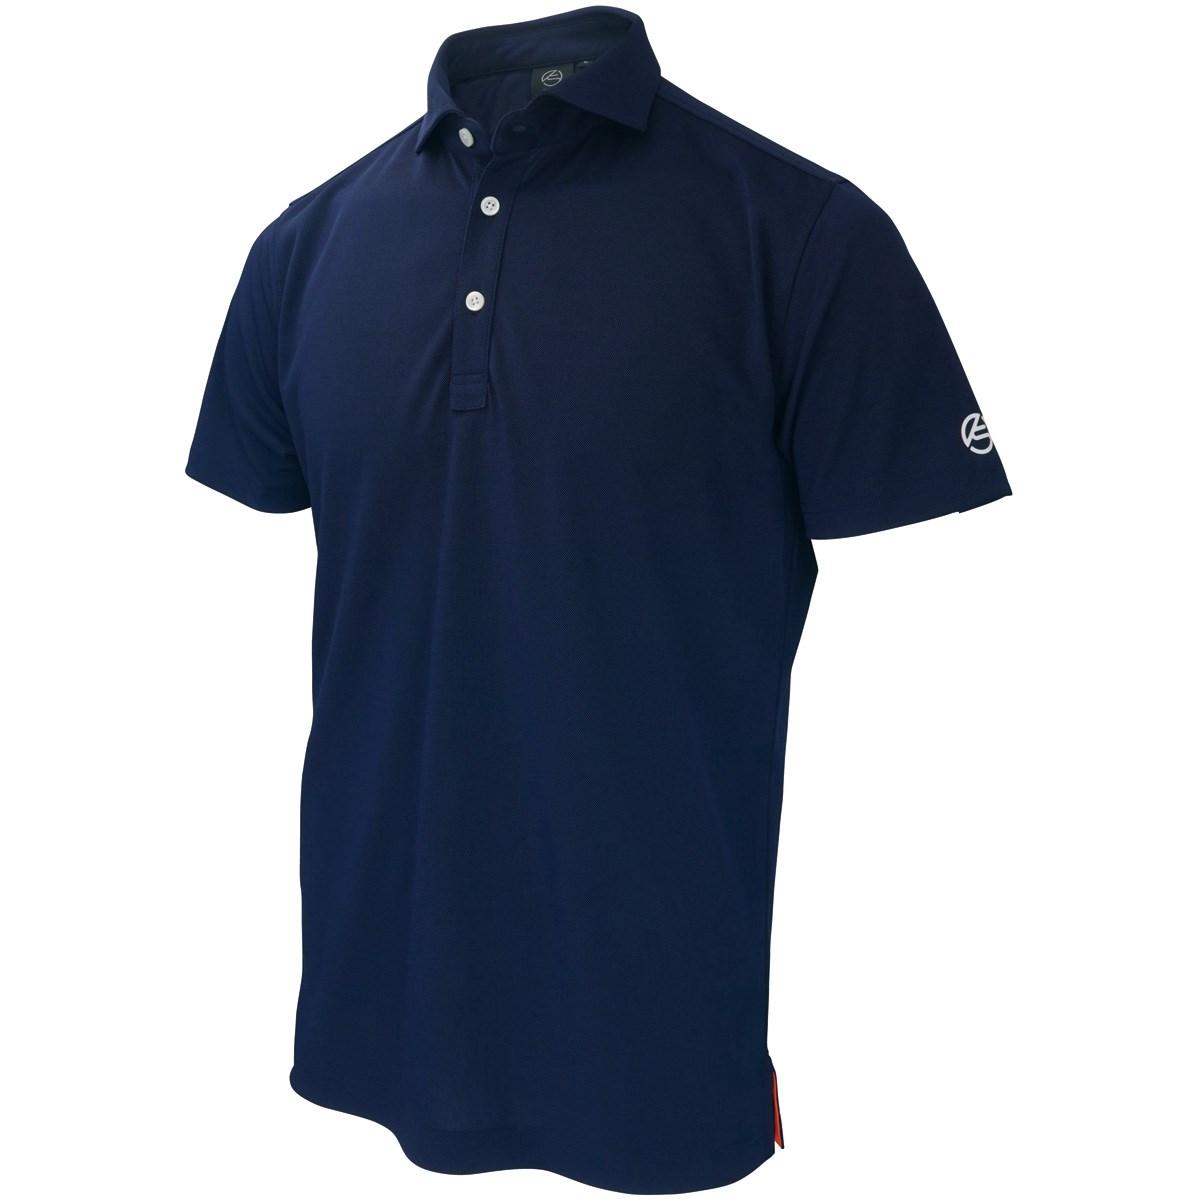 キャスコ(KASCO) ベーシック半袖ポロシャツ